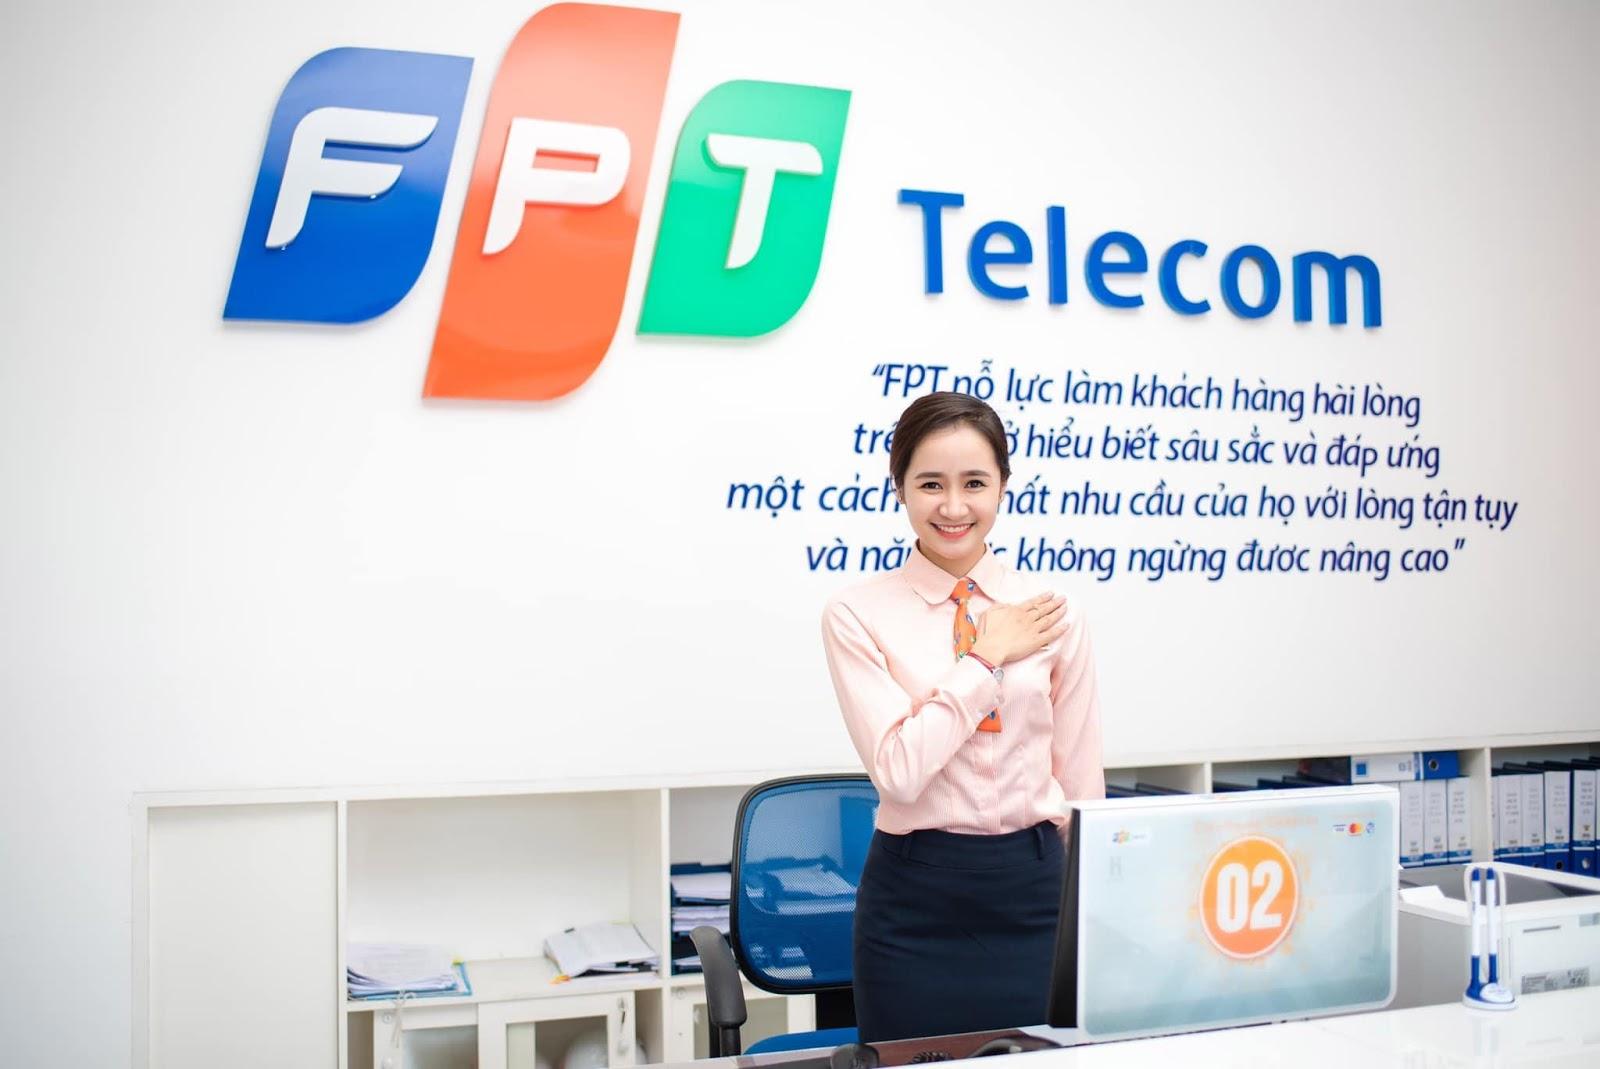 Kiểm Tra hợp đồng mạng FPT tại website member.fpt.vn